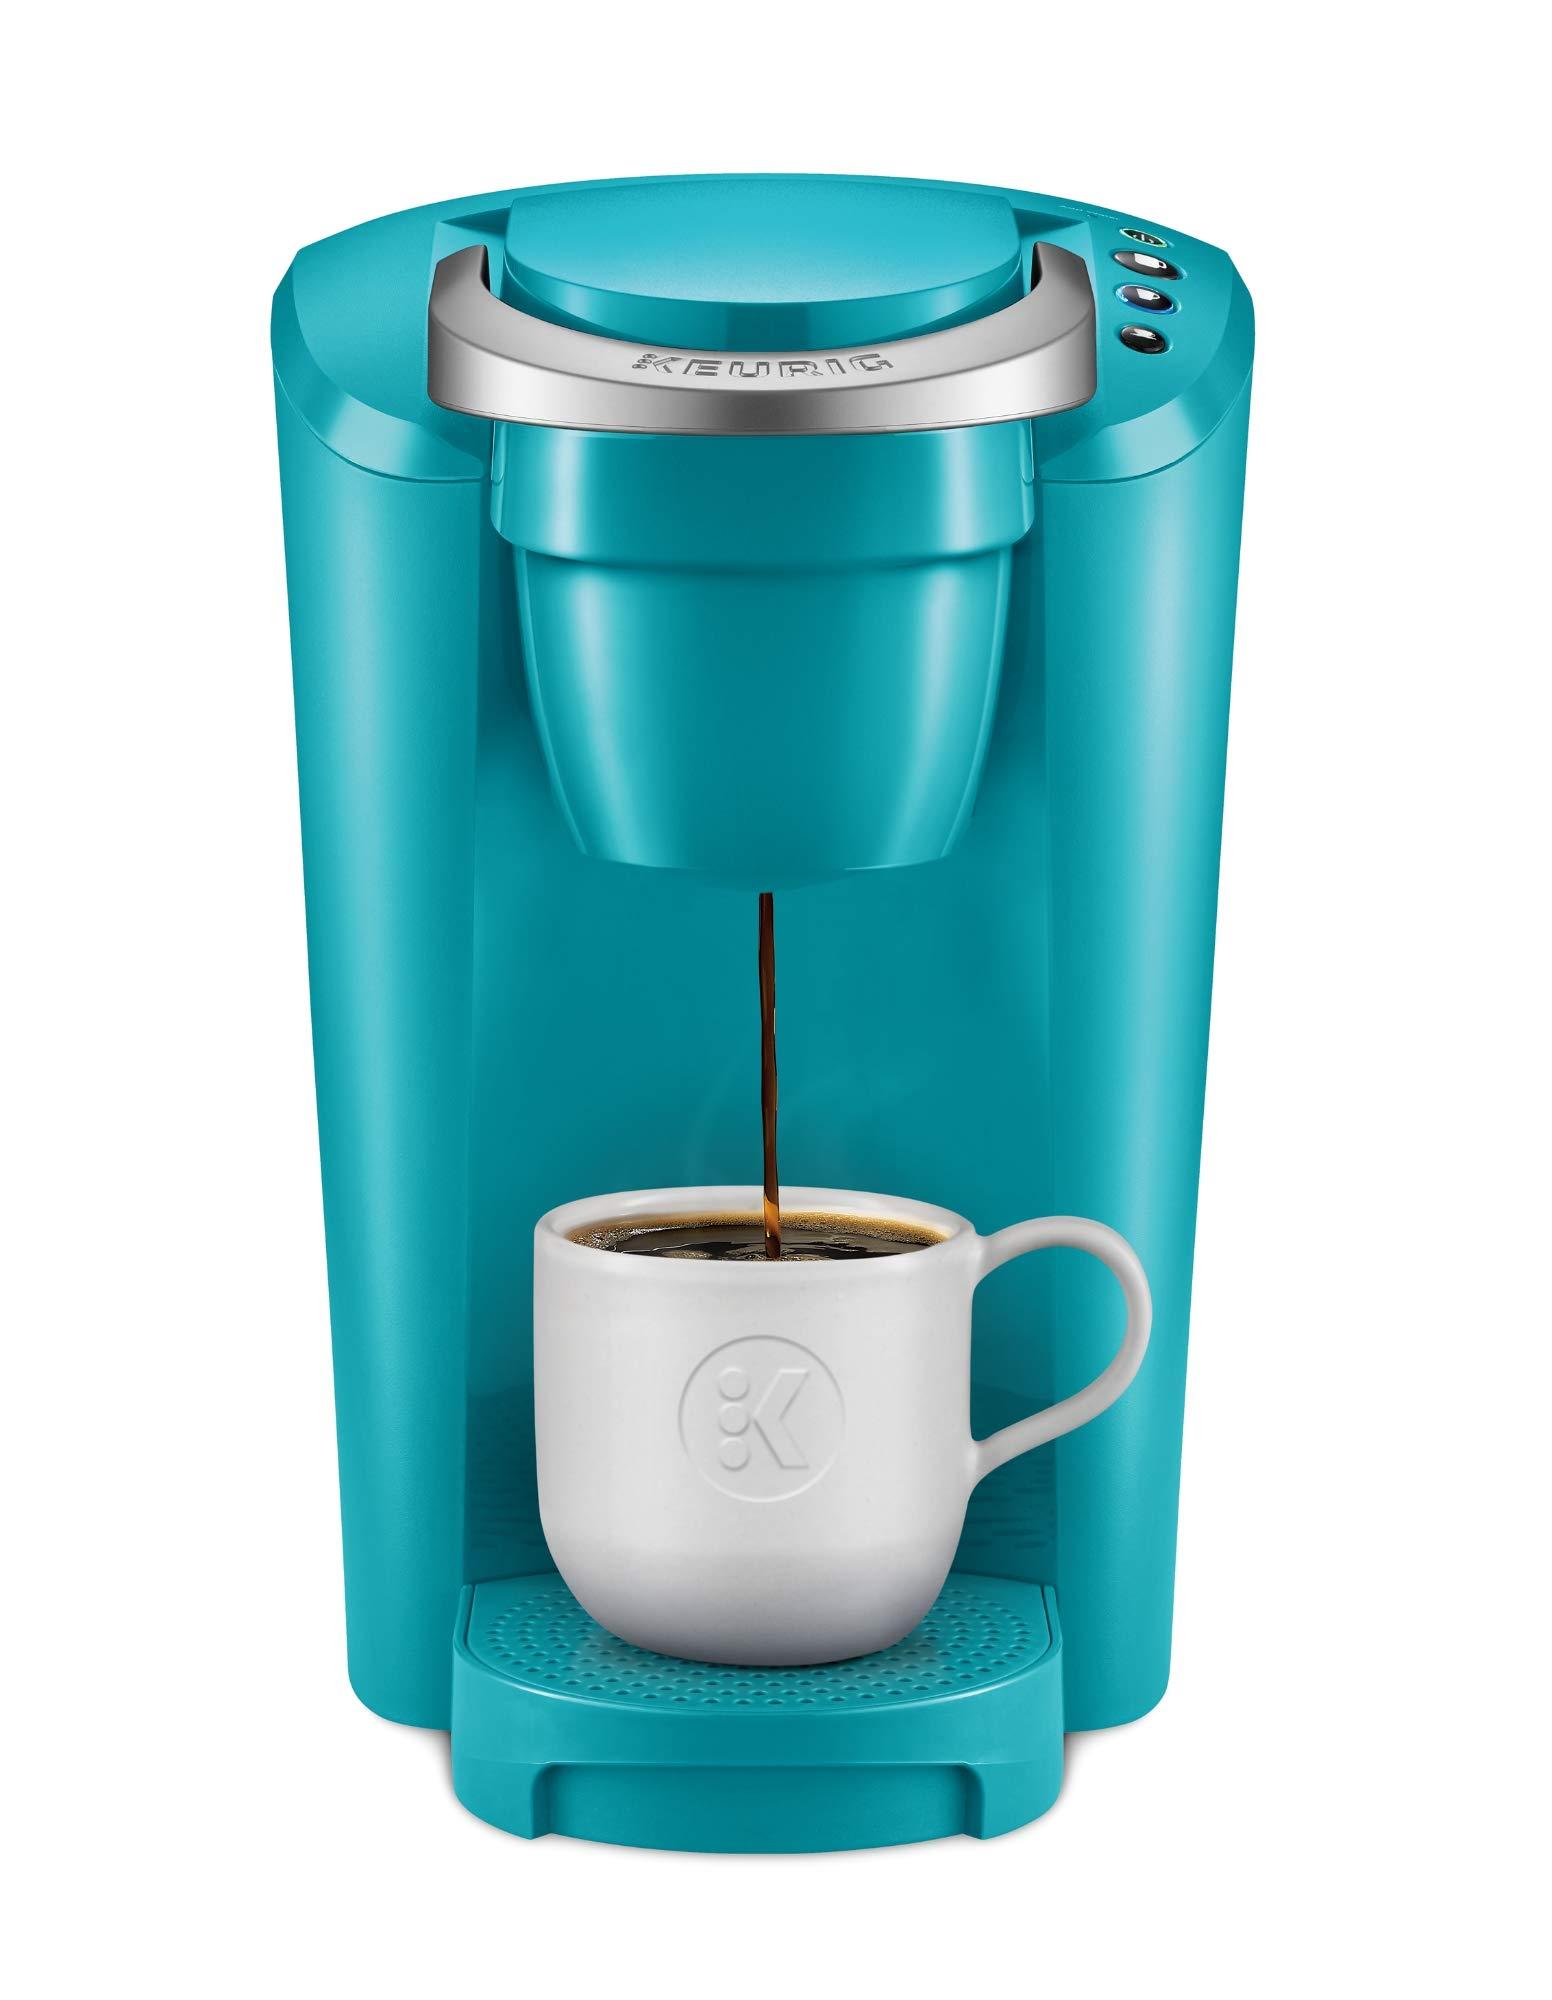 Keurig K-Compact Single-Serve K-Cup Pod Coffee Maker, Turquoise by Keurig